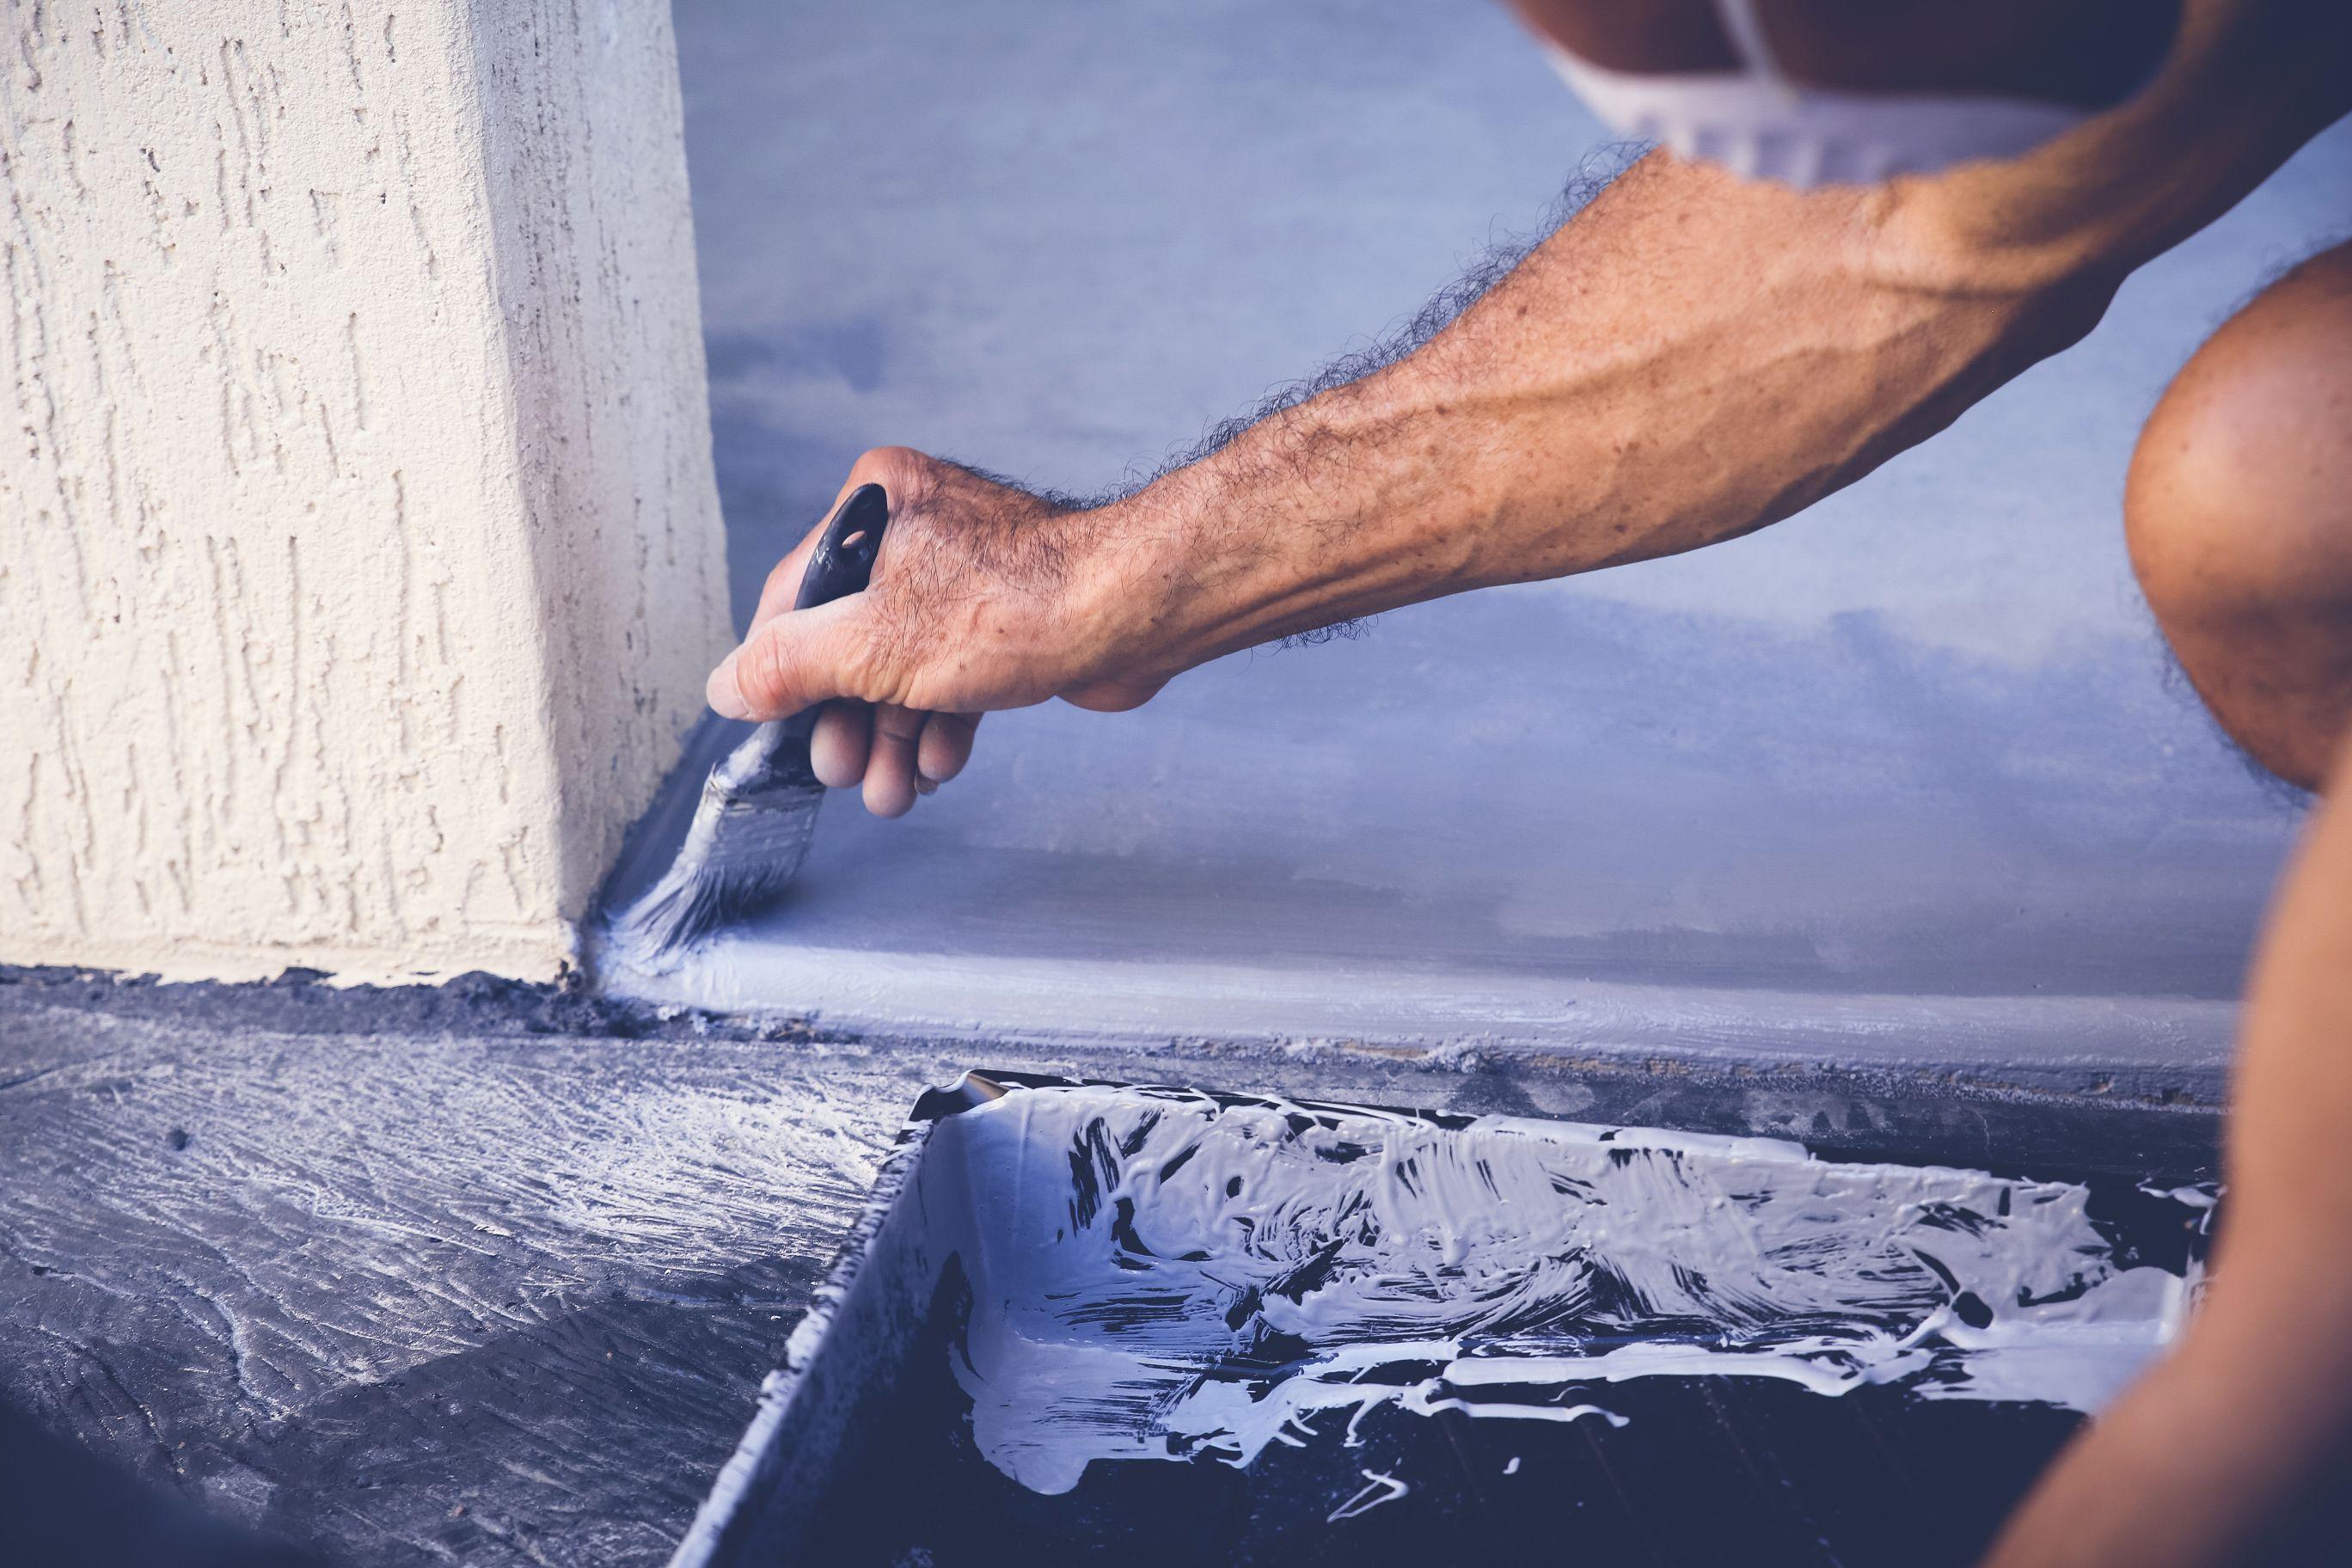 Malowanie Posadzki Betonowej Jaka Farba Do Garażu Sprawdzi Się